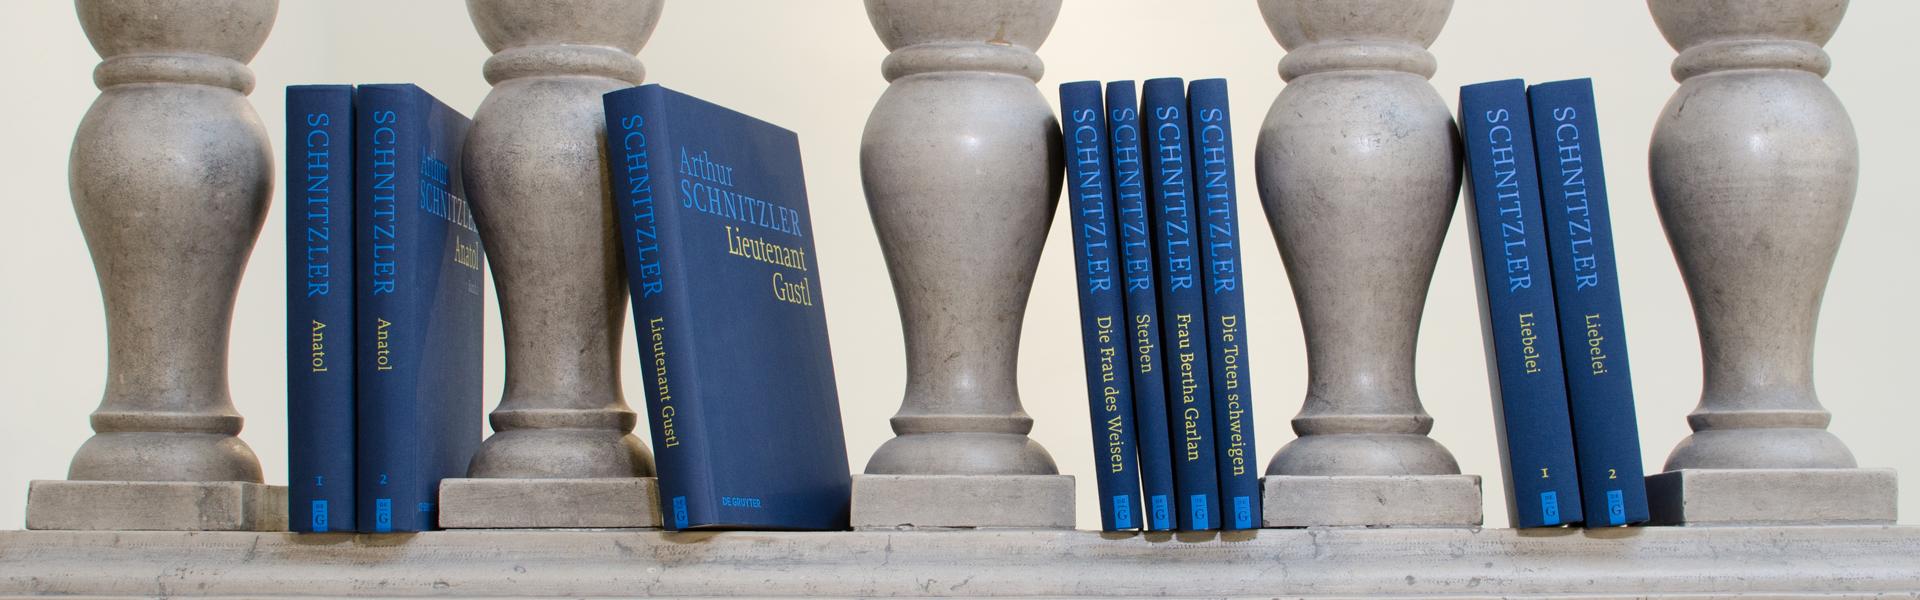 Arthur Schnitzler Historisch-Kritische Ausgabe Bände